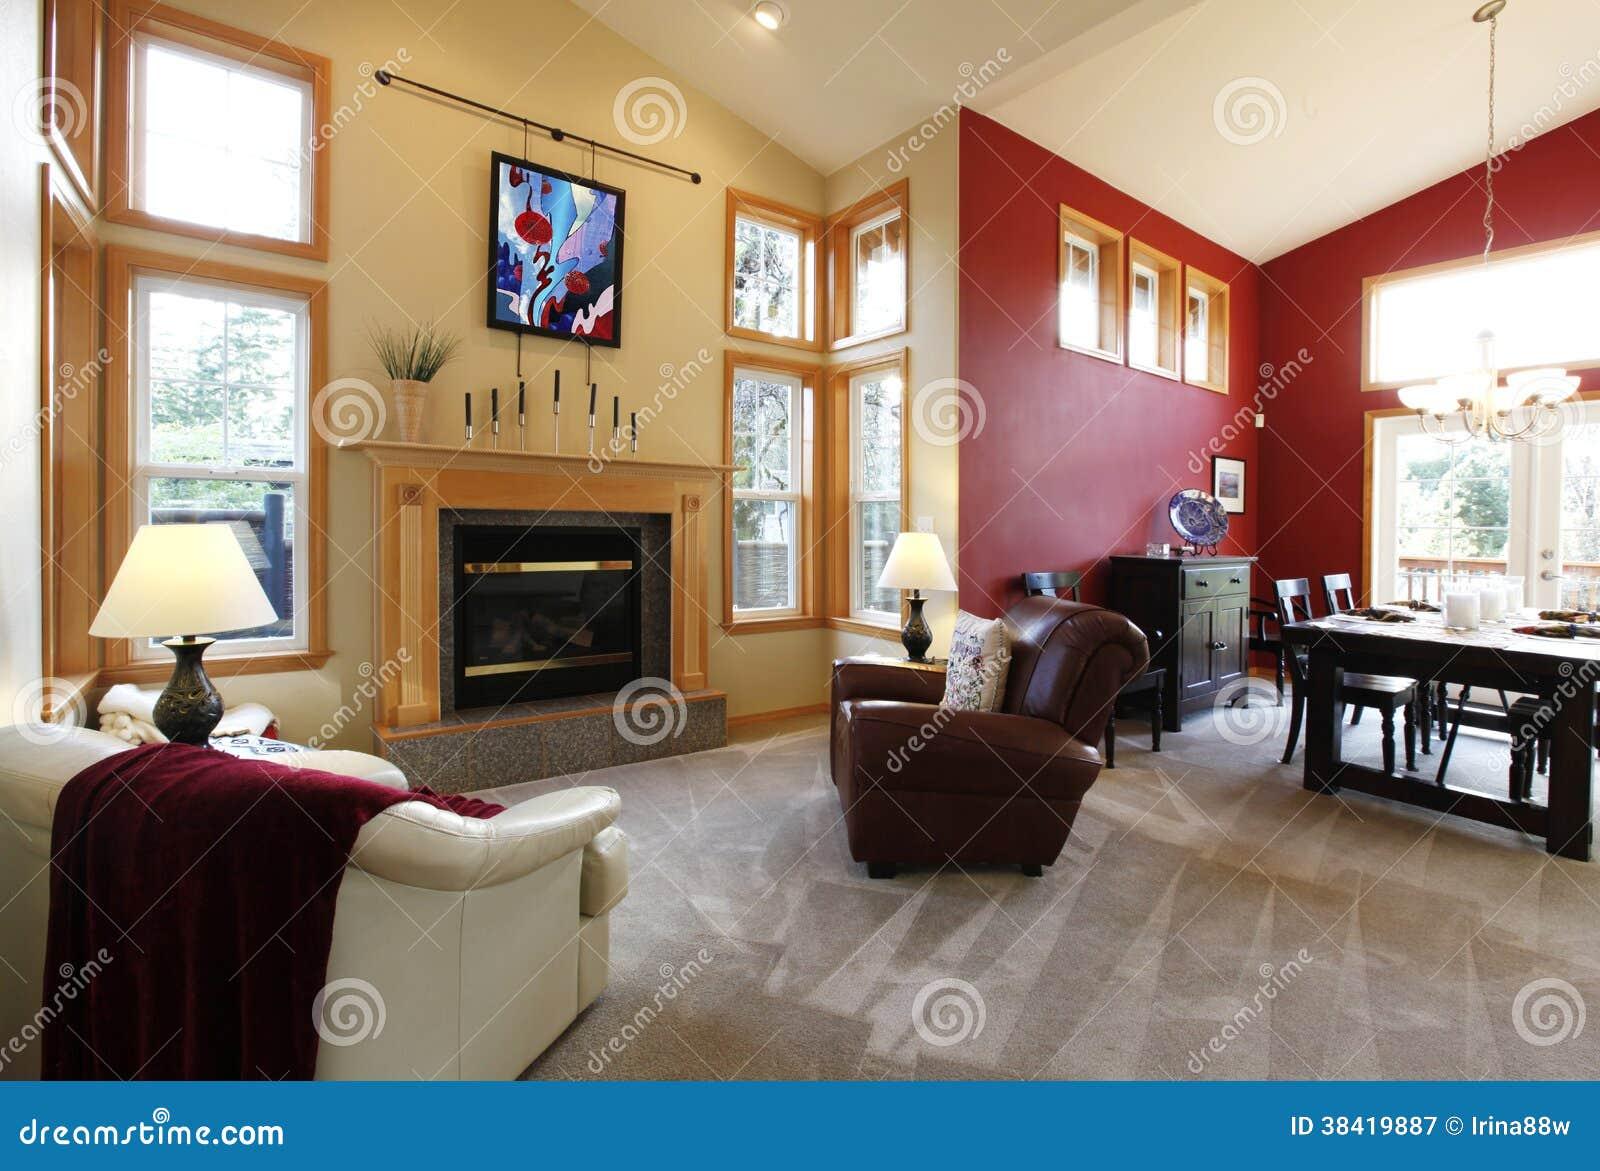 modernes großes offenes wohnzimmer mit roter wand. lizenzfreie